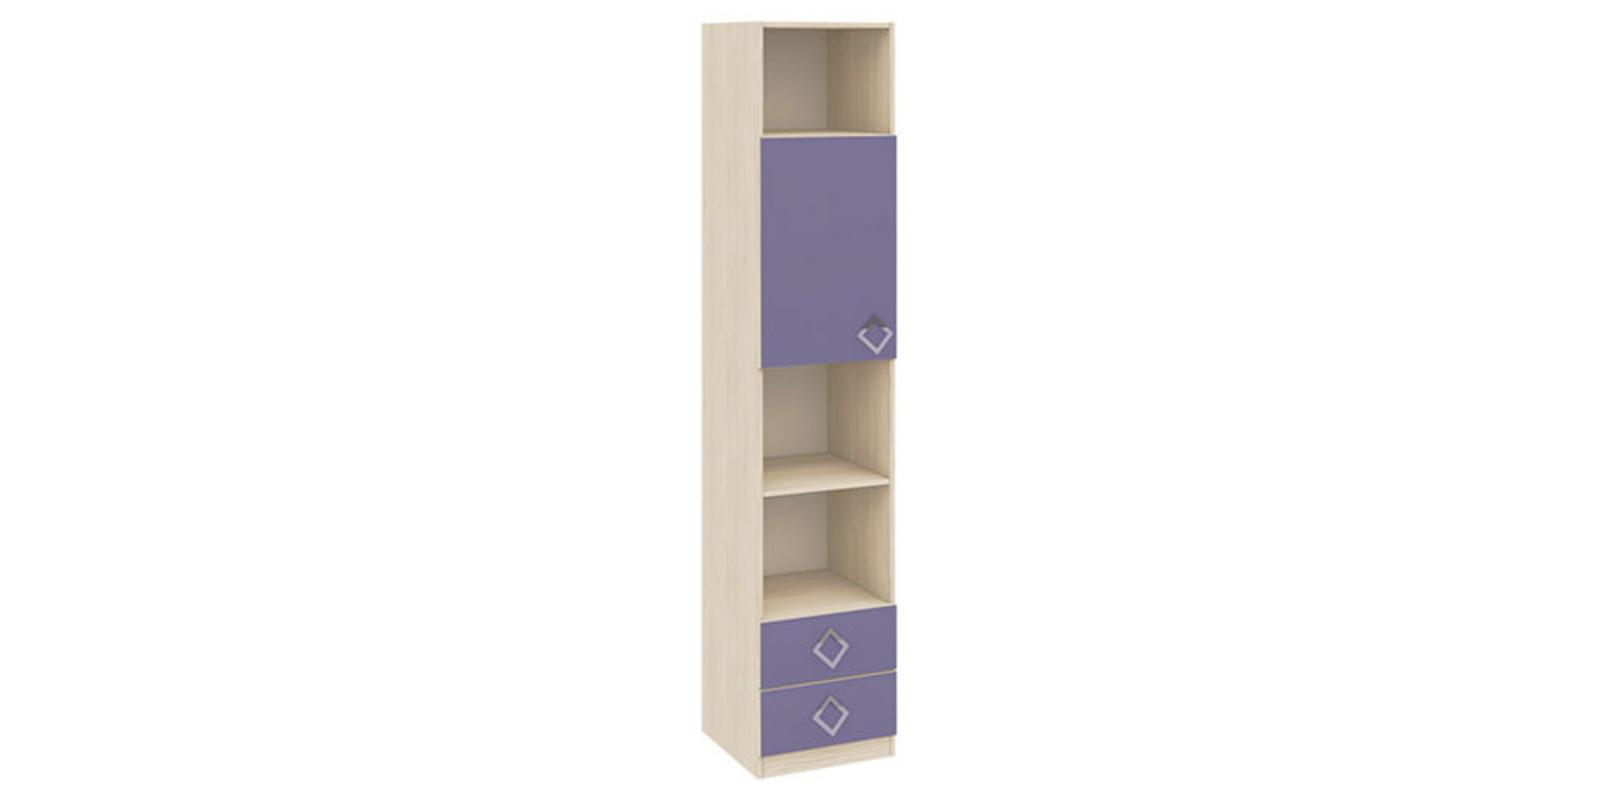 Шкаф распашной однодверный Салоу вариант №1 (каттхилт/лаванда)